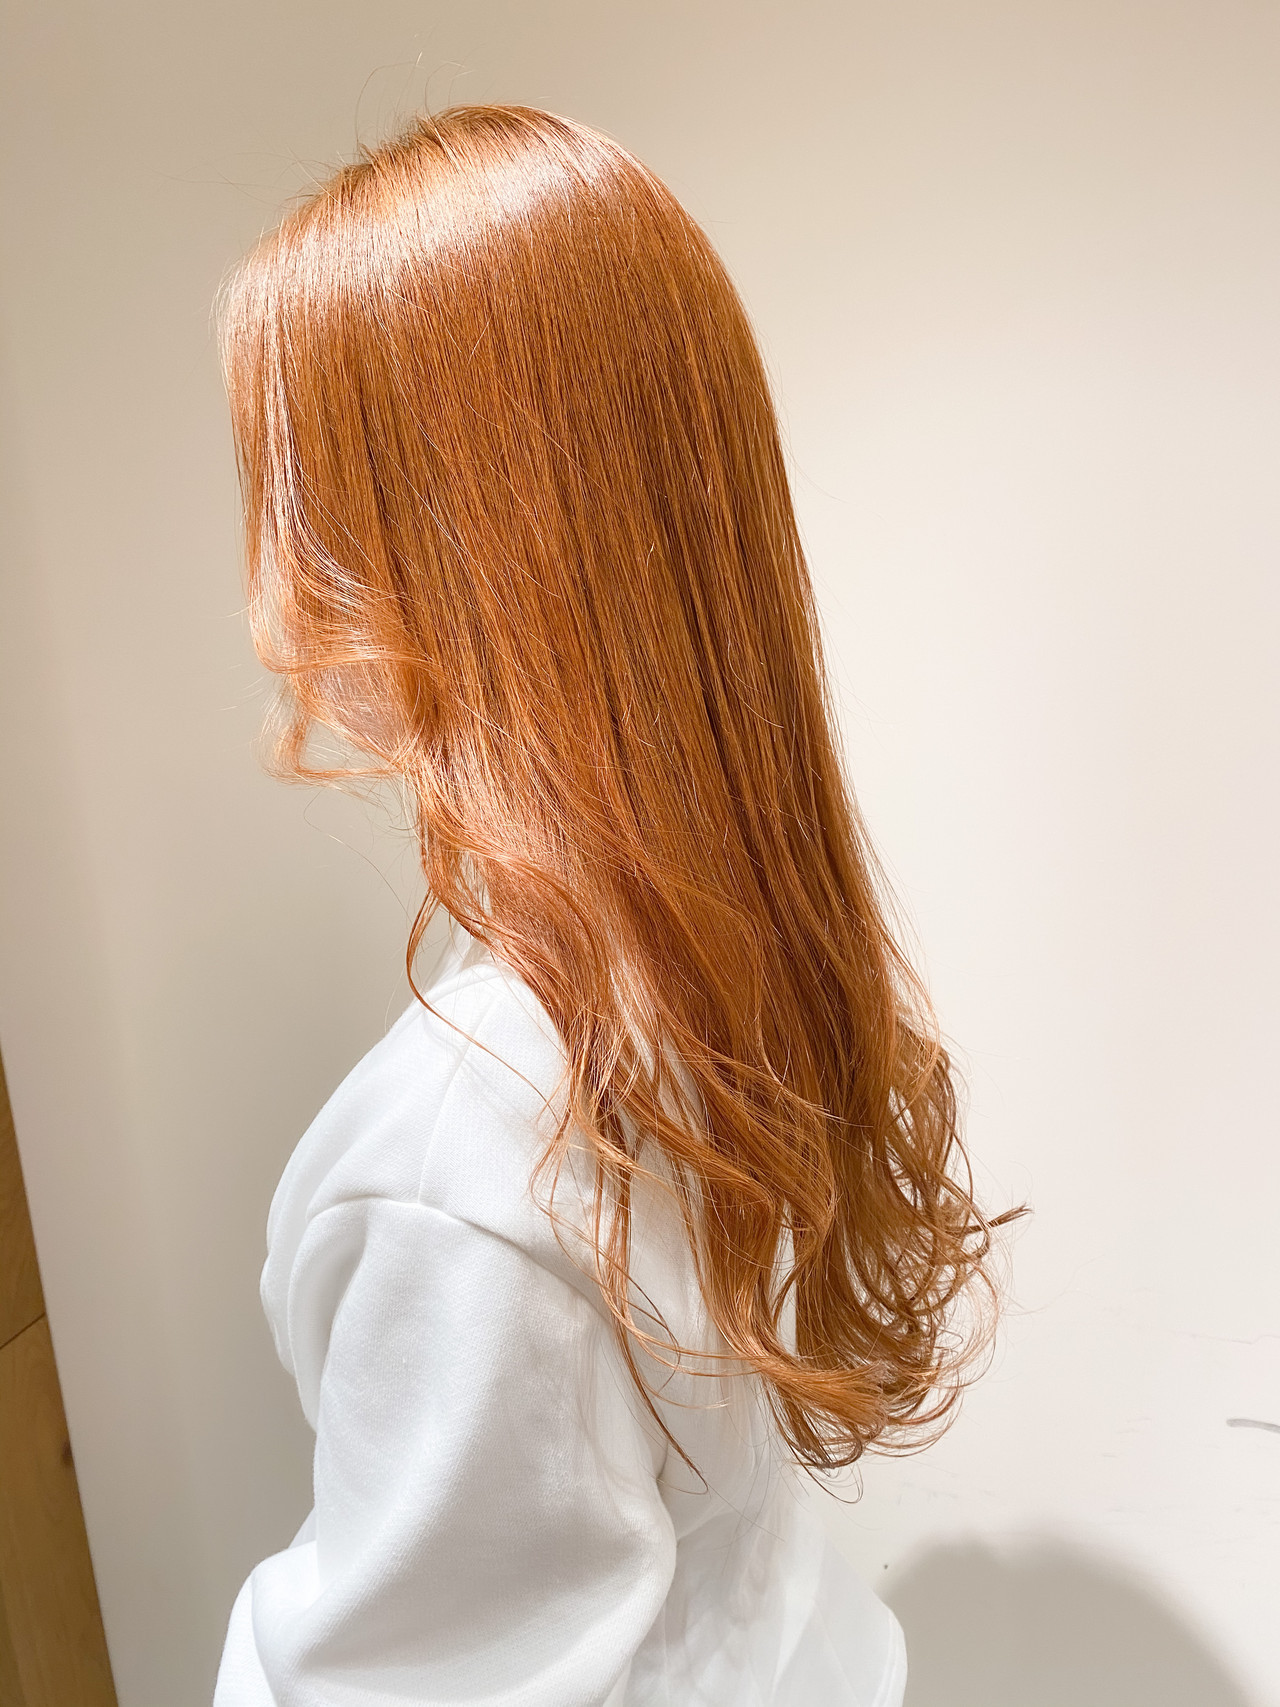 インナーカラー ブリーチなし オレンジベージュ オレンジ ヘアスタイルや髪型の写真・画像